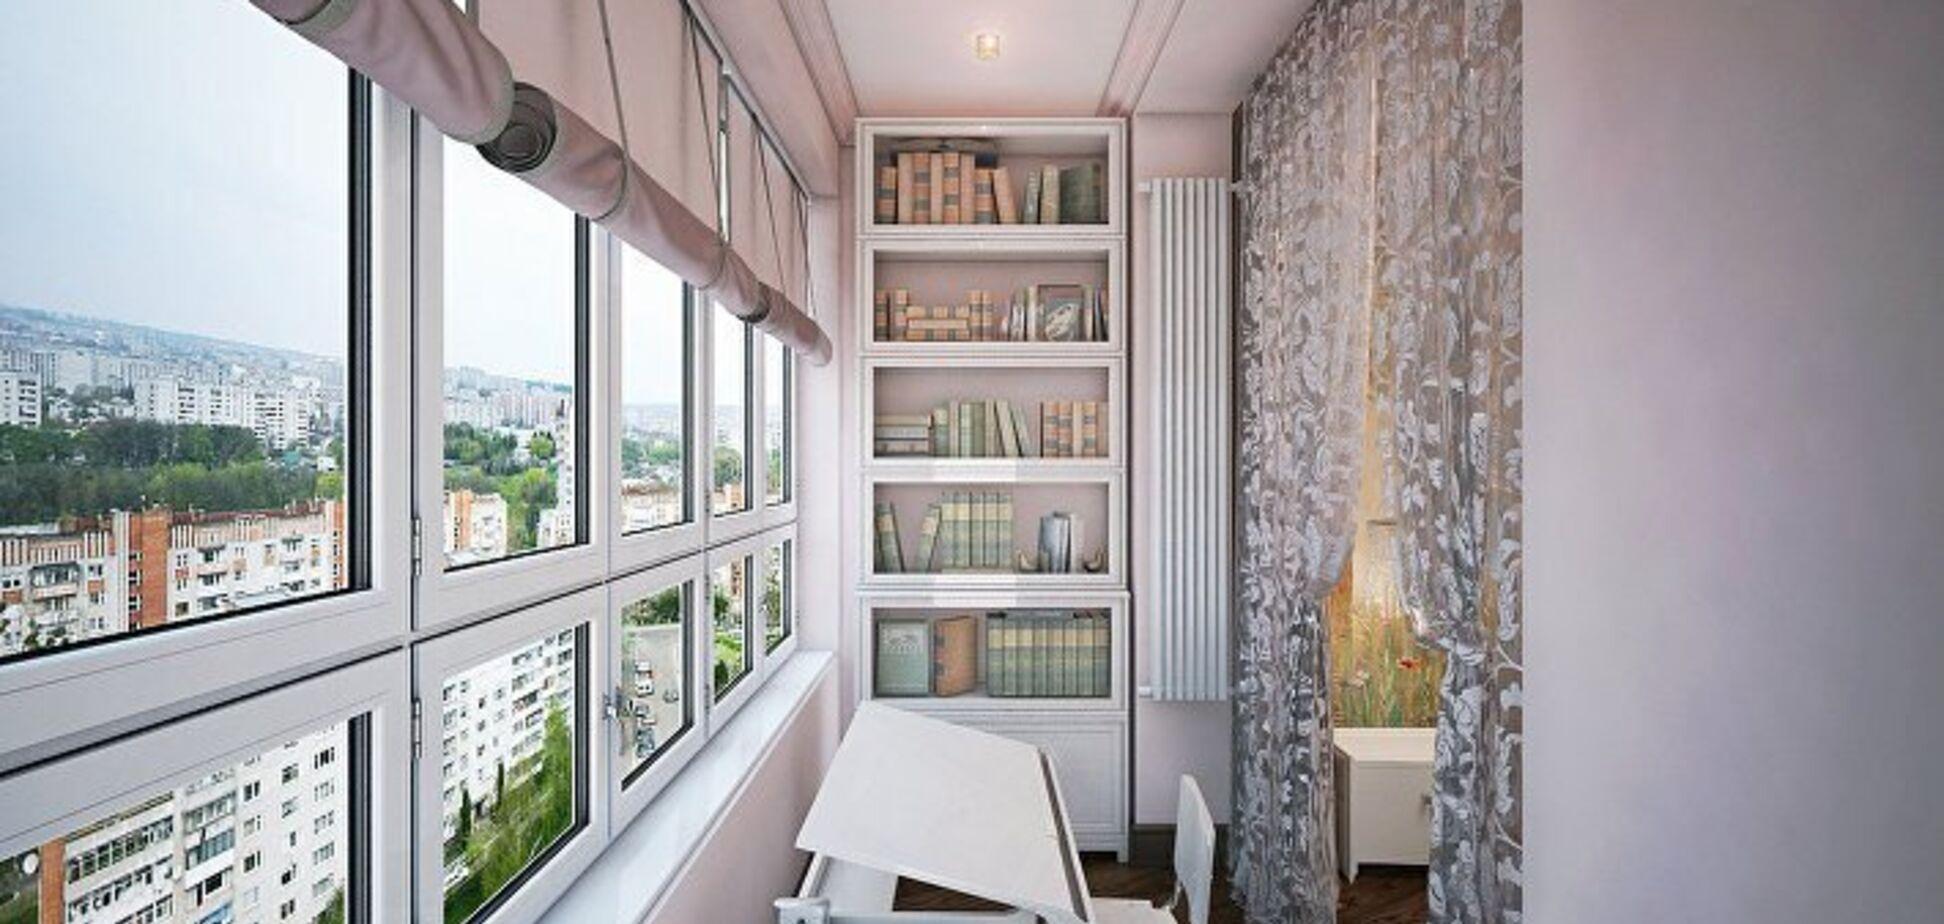 Расширение жилплощади: как это сделать за счет балкона